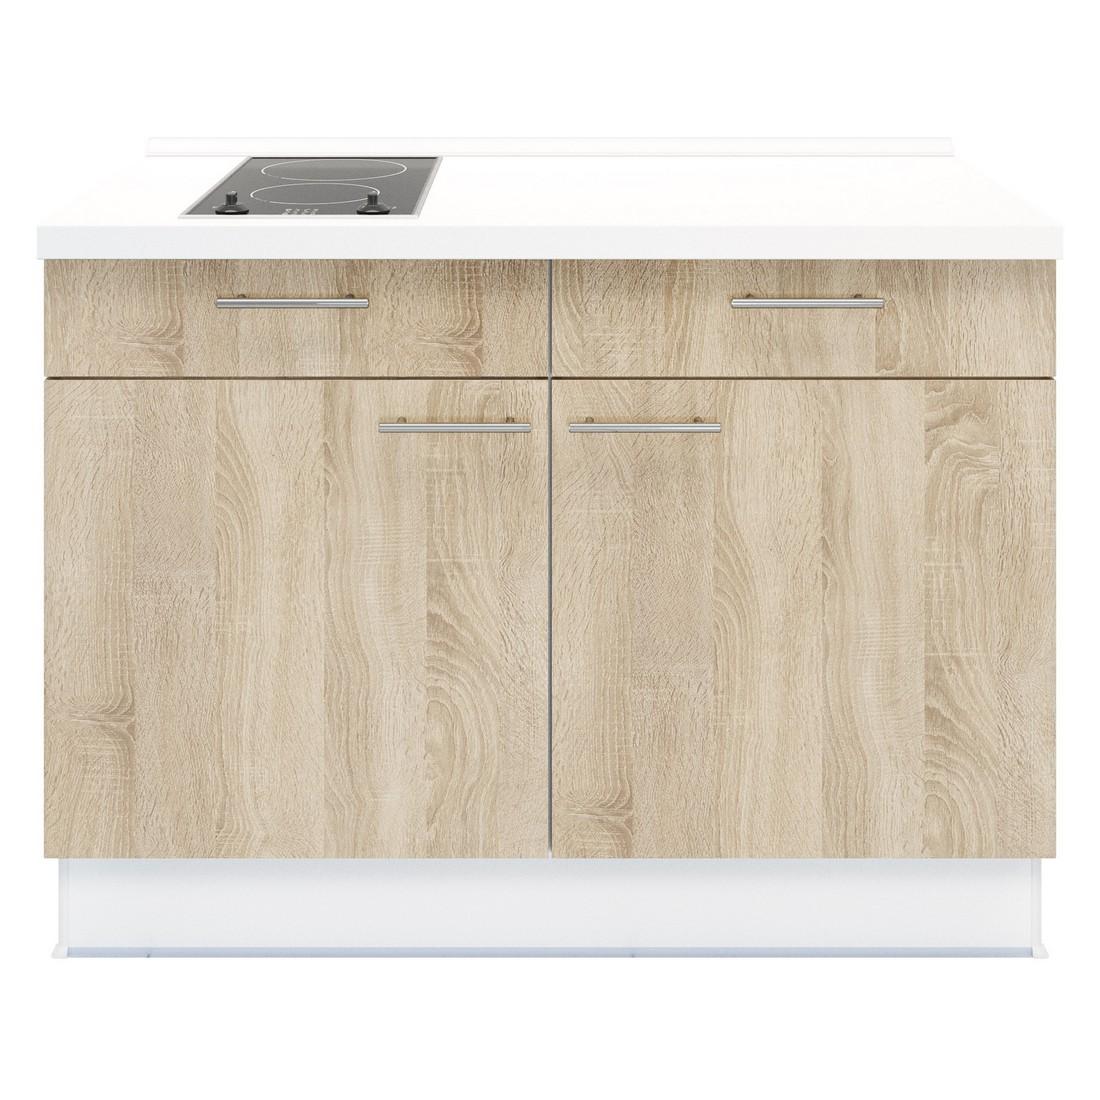 Kochschrank Basic – mit 2-Zonen Glaskeramik Kochfeld – Eiche Sonoma Dekor – Ausrichtung Links, Kiveda günstig kaufen